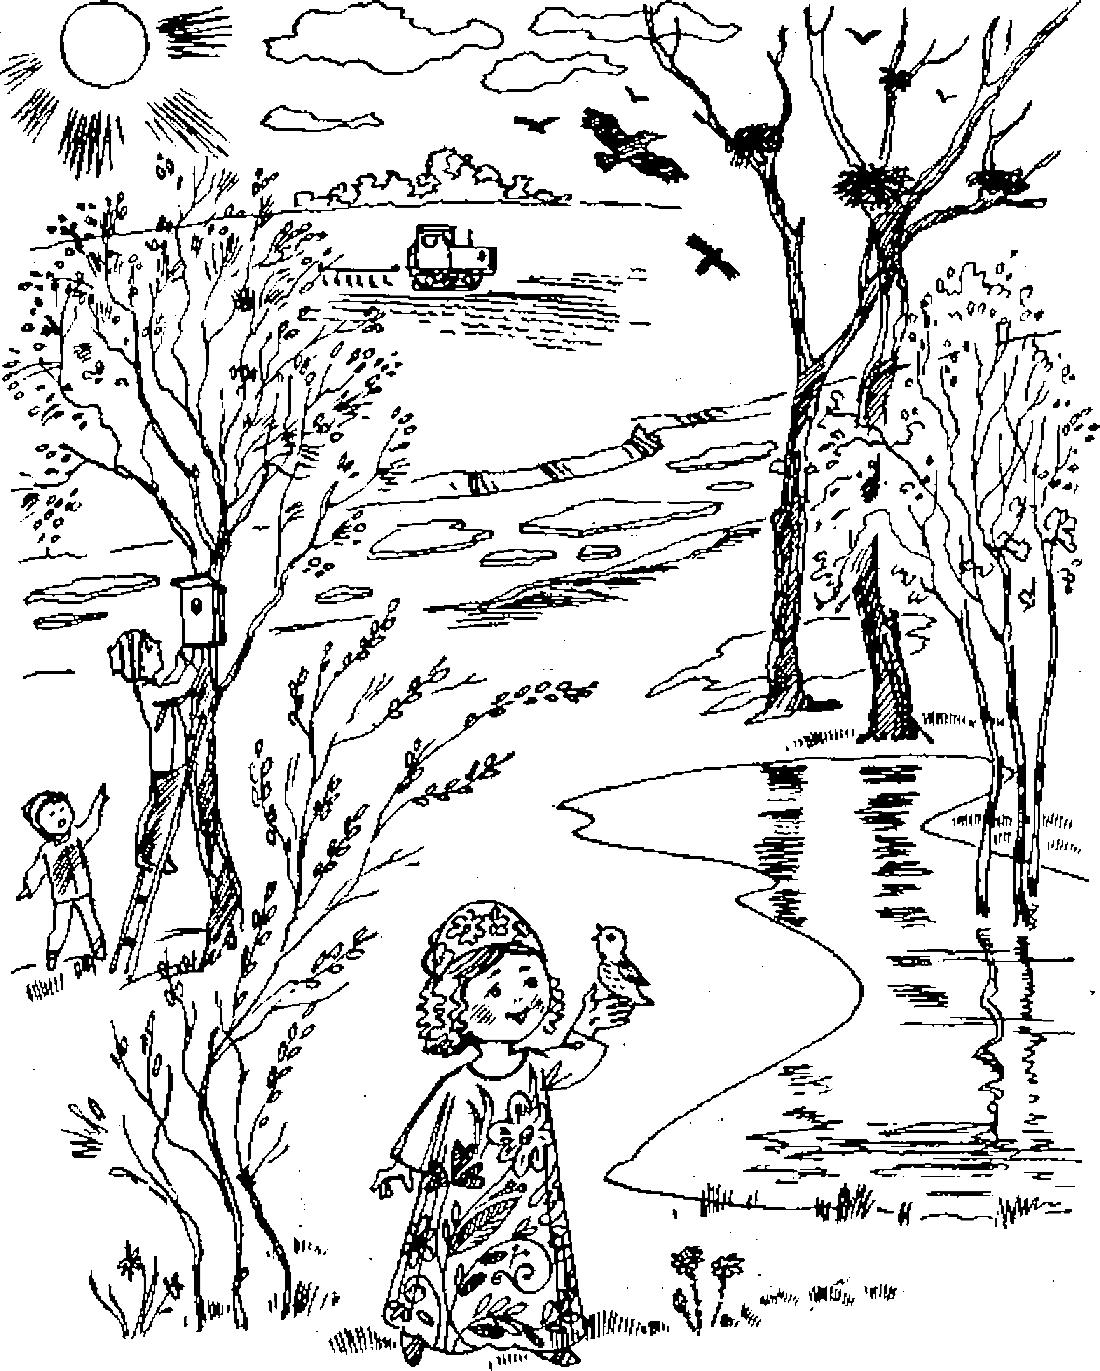 весна пришла в лес раскраска 13152 Printonic Ru